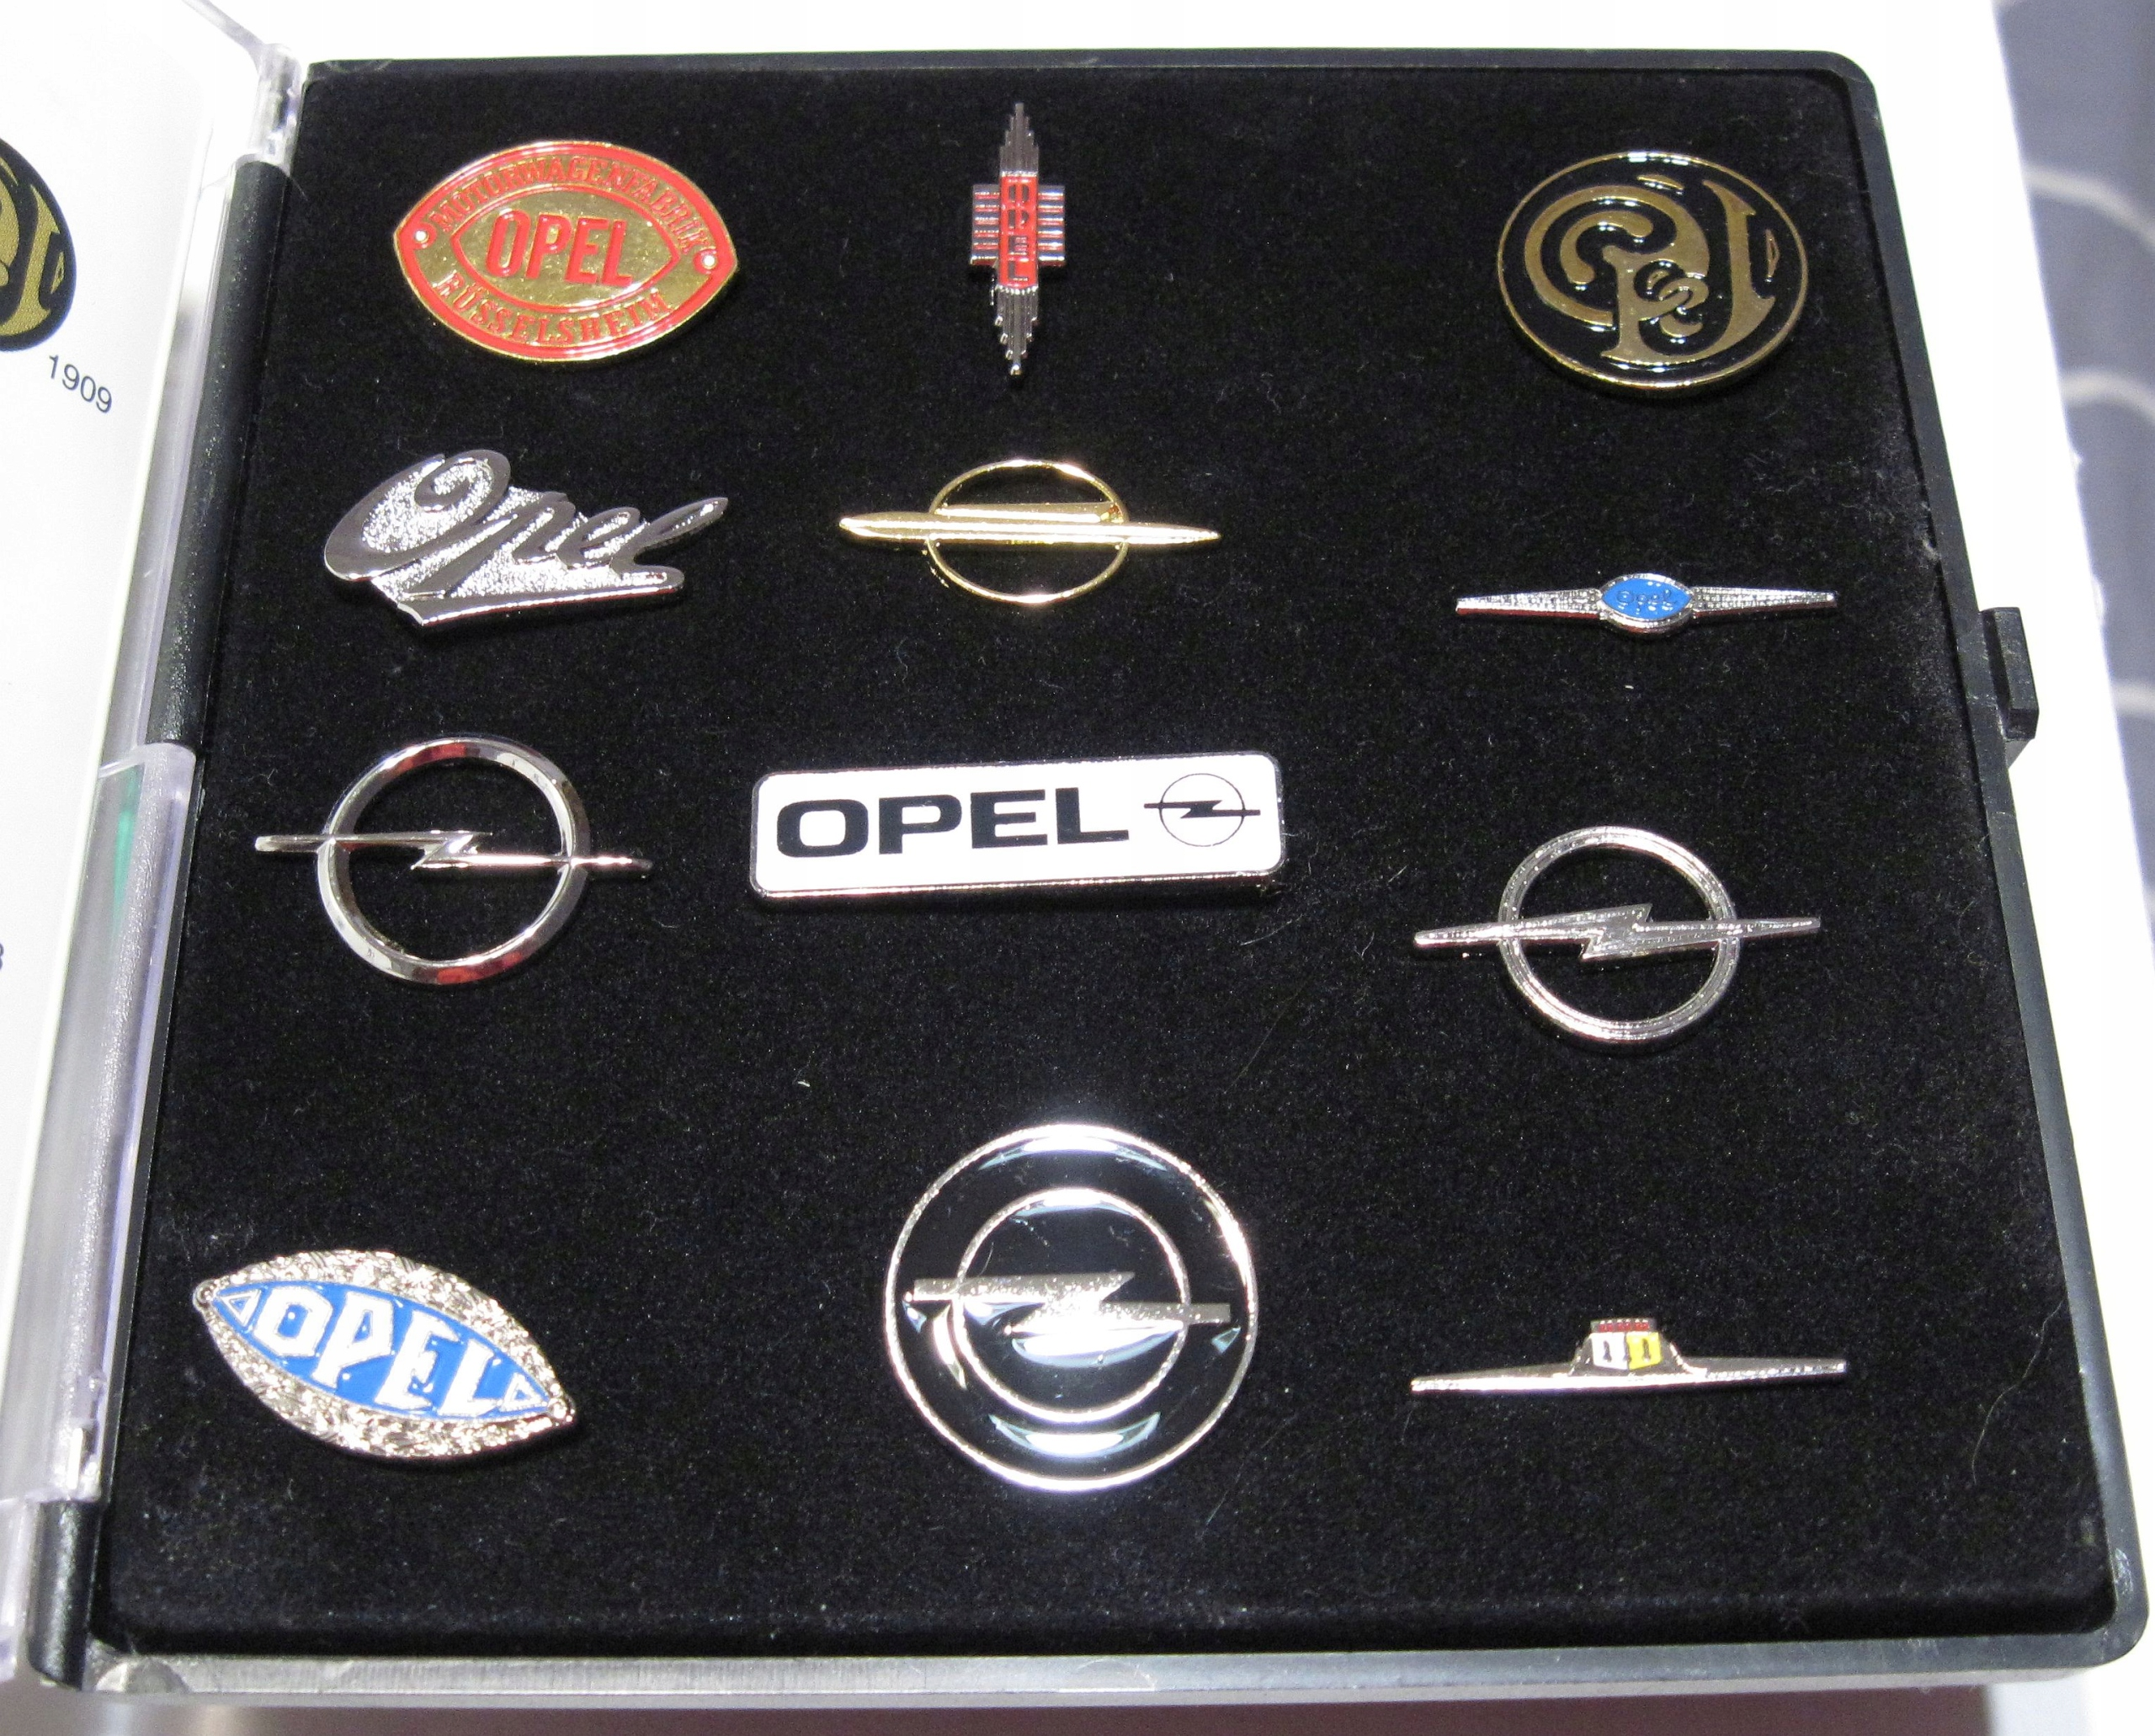 100 lat znaku firmowego Opel metalowe wpinki 12szt